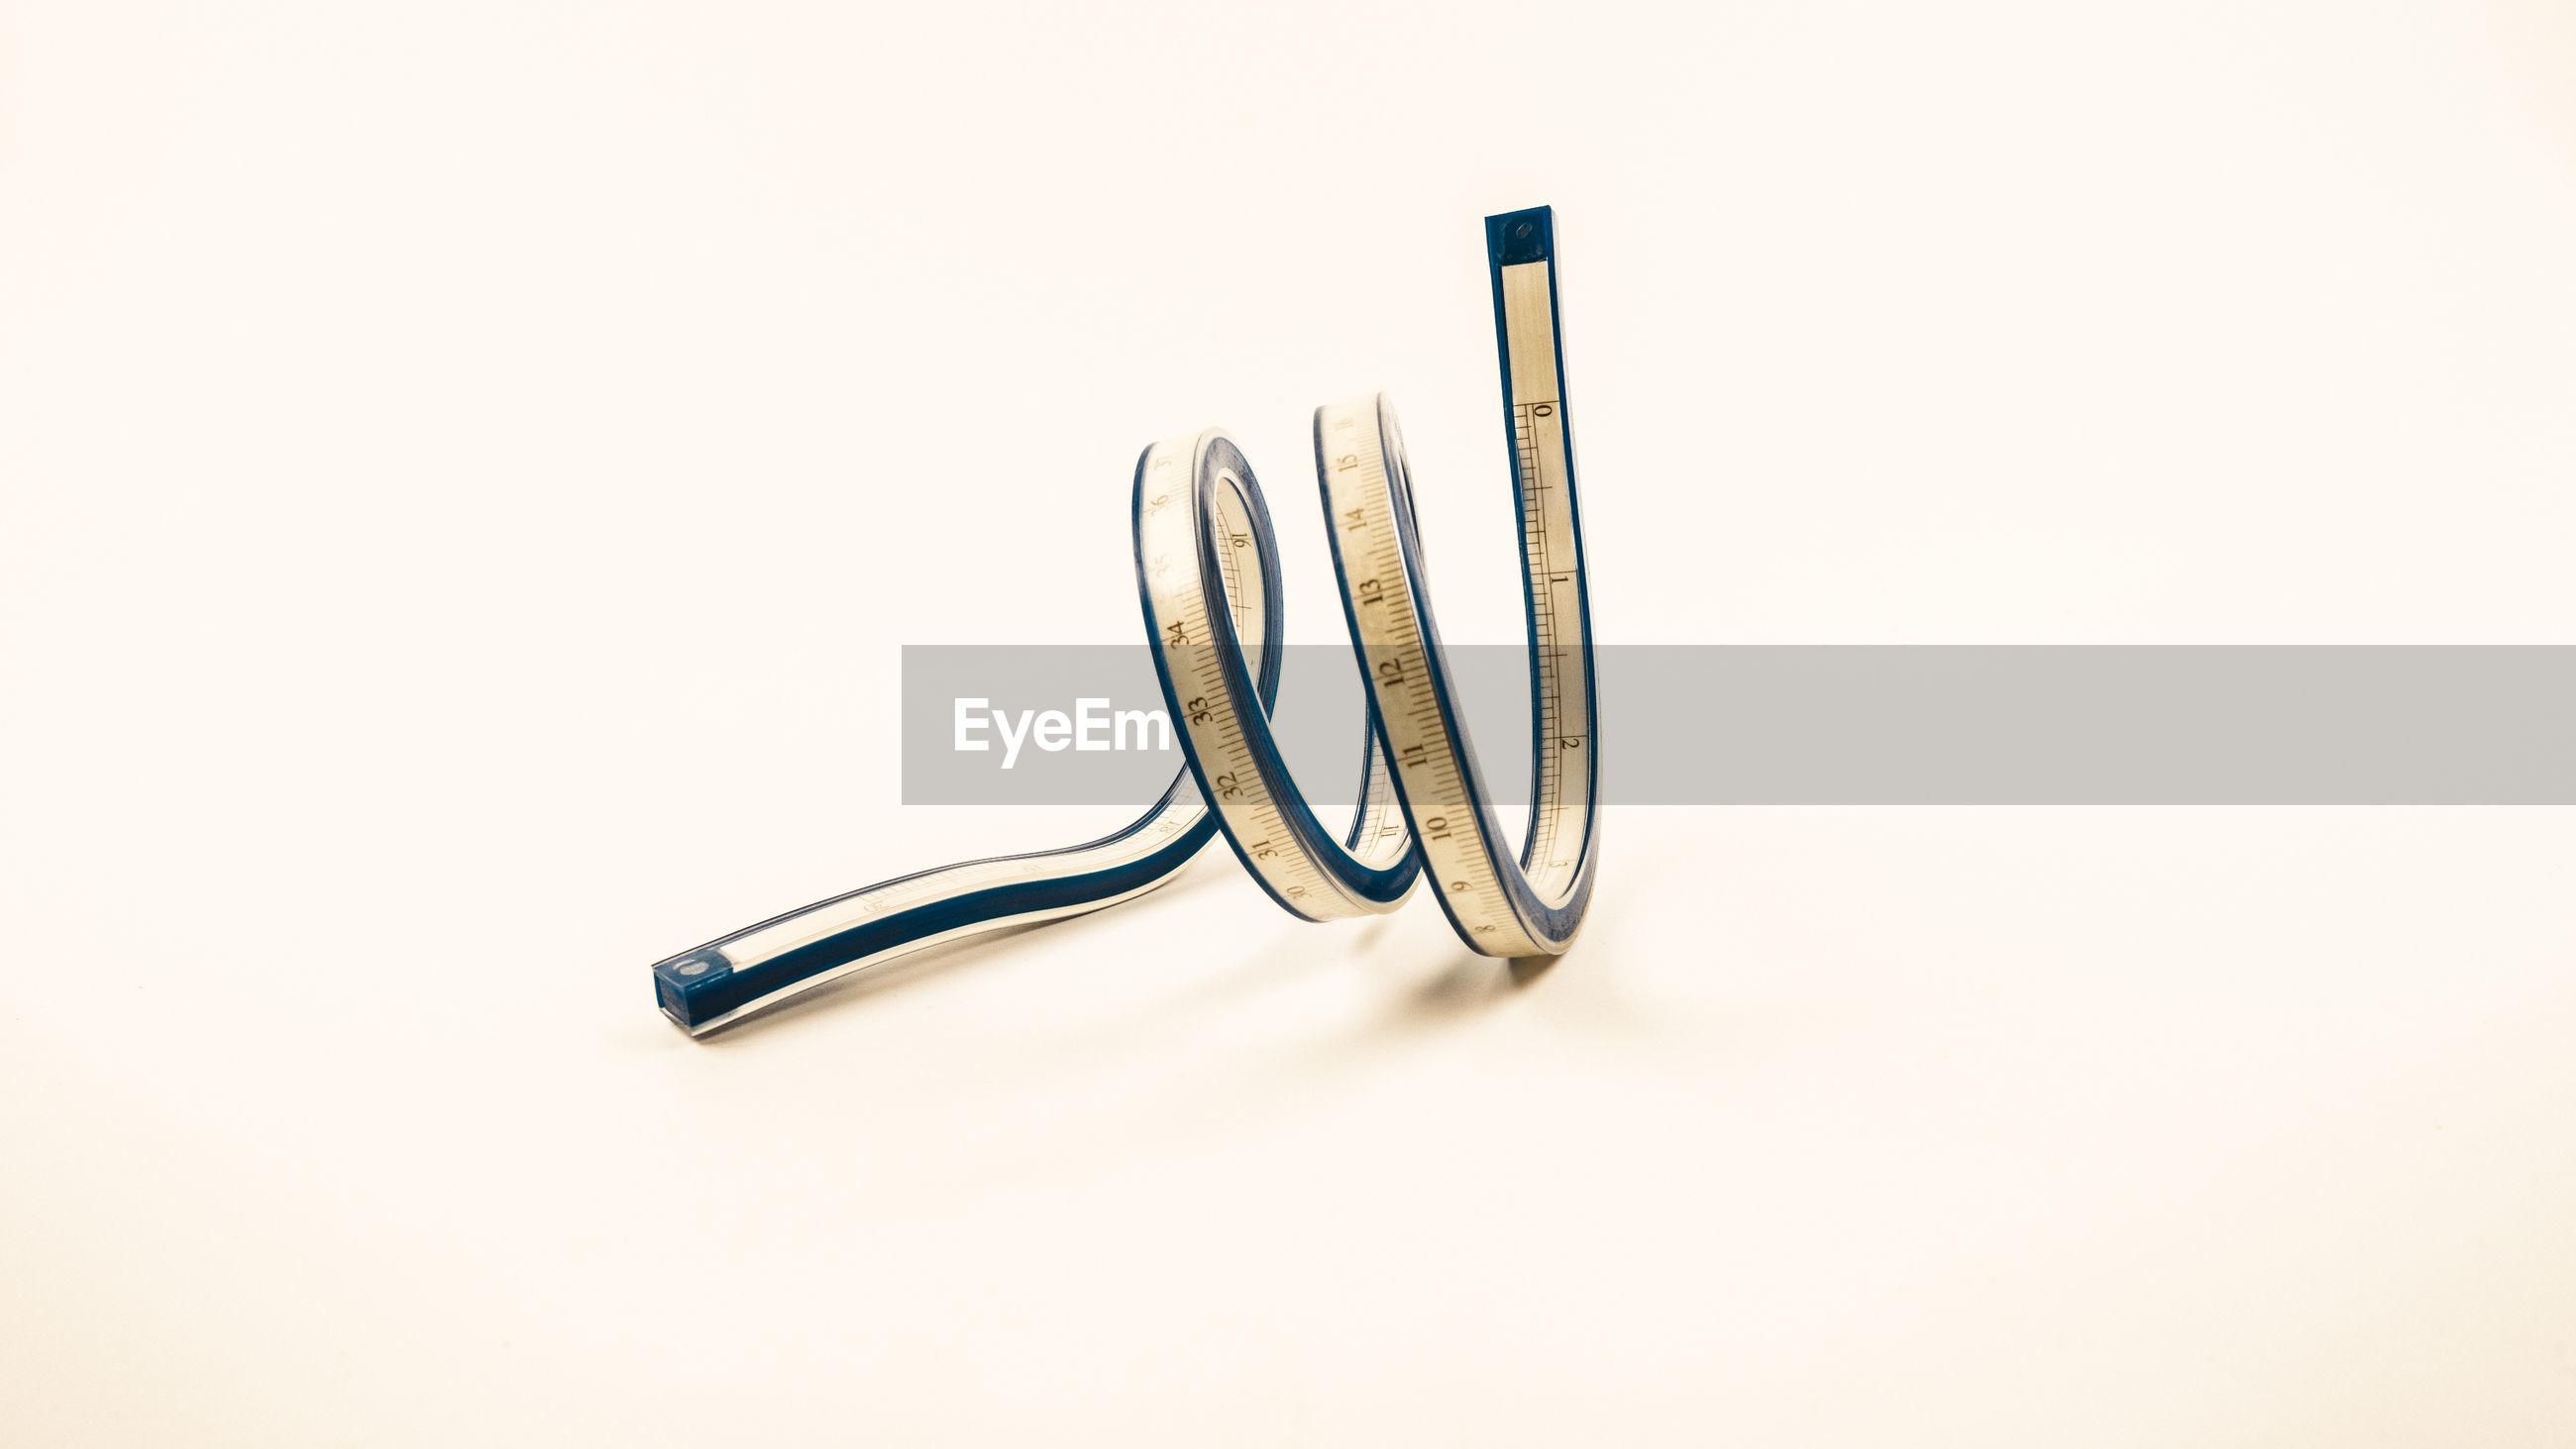 Flat spline vinyl plastic ruler against beige background